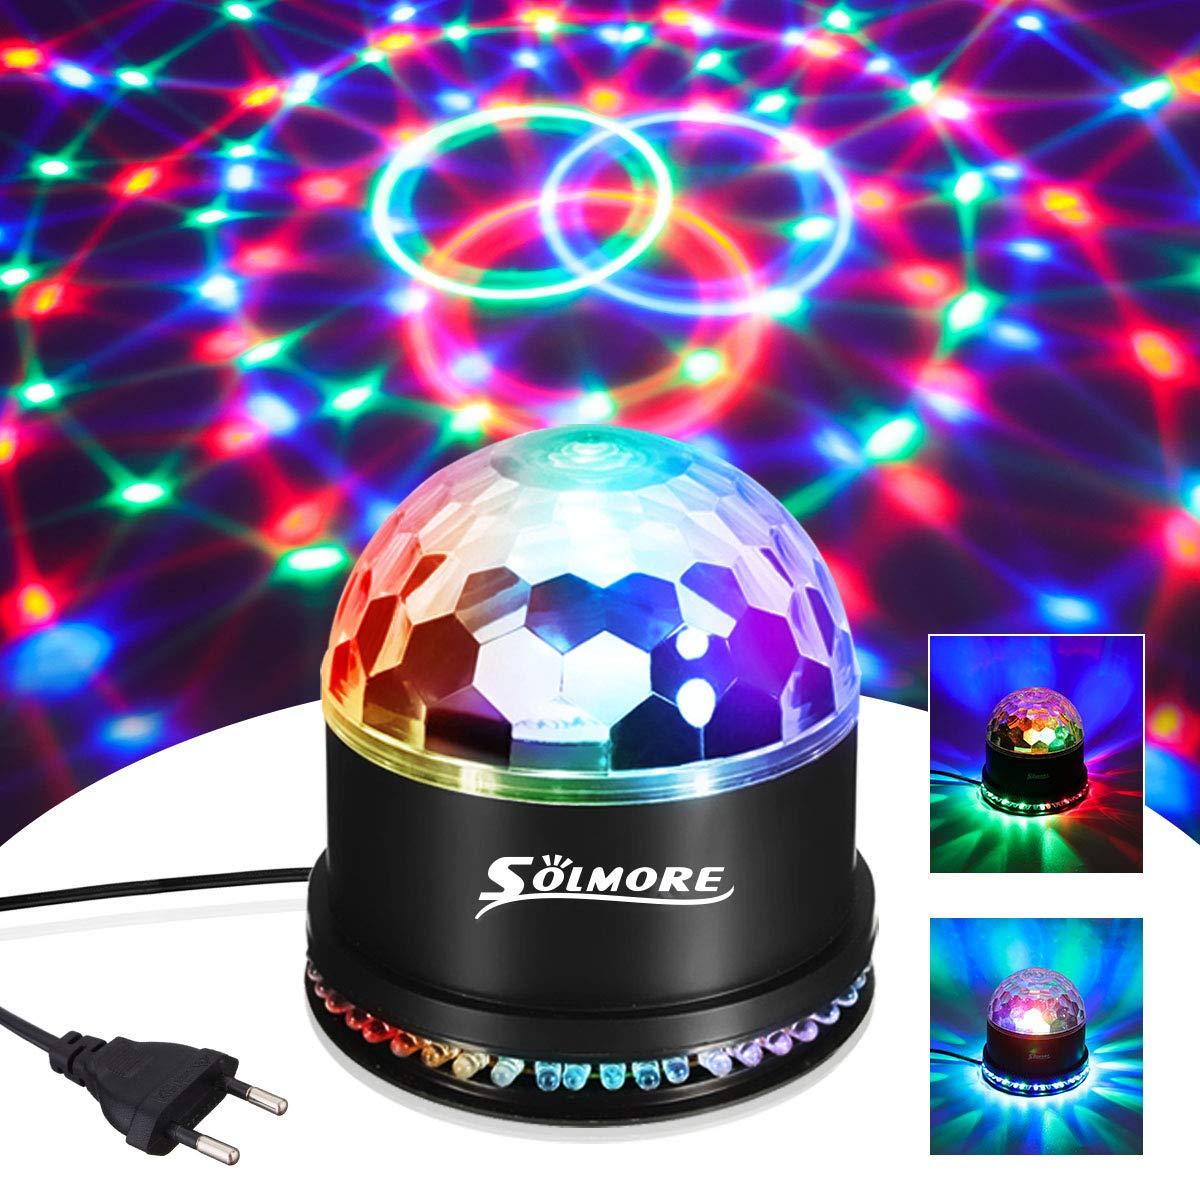 SOLMORE LED Discokugel Partyleuchte RGB Lichteffekt Bühnenbeleuchtung